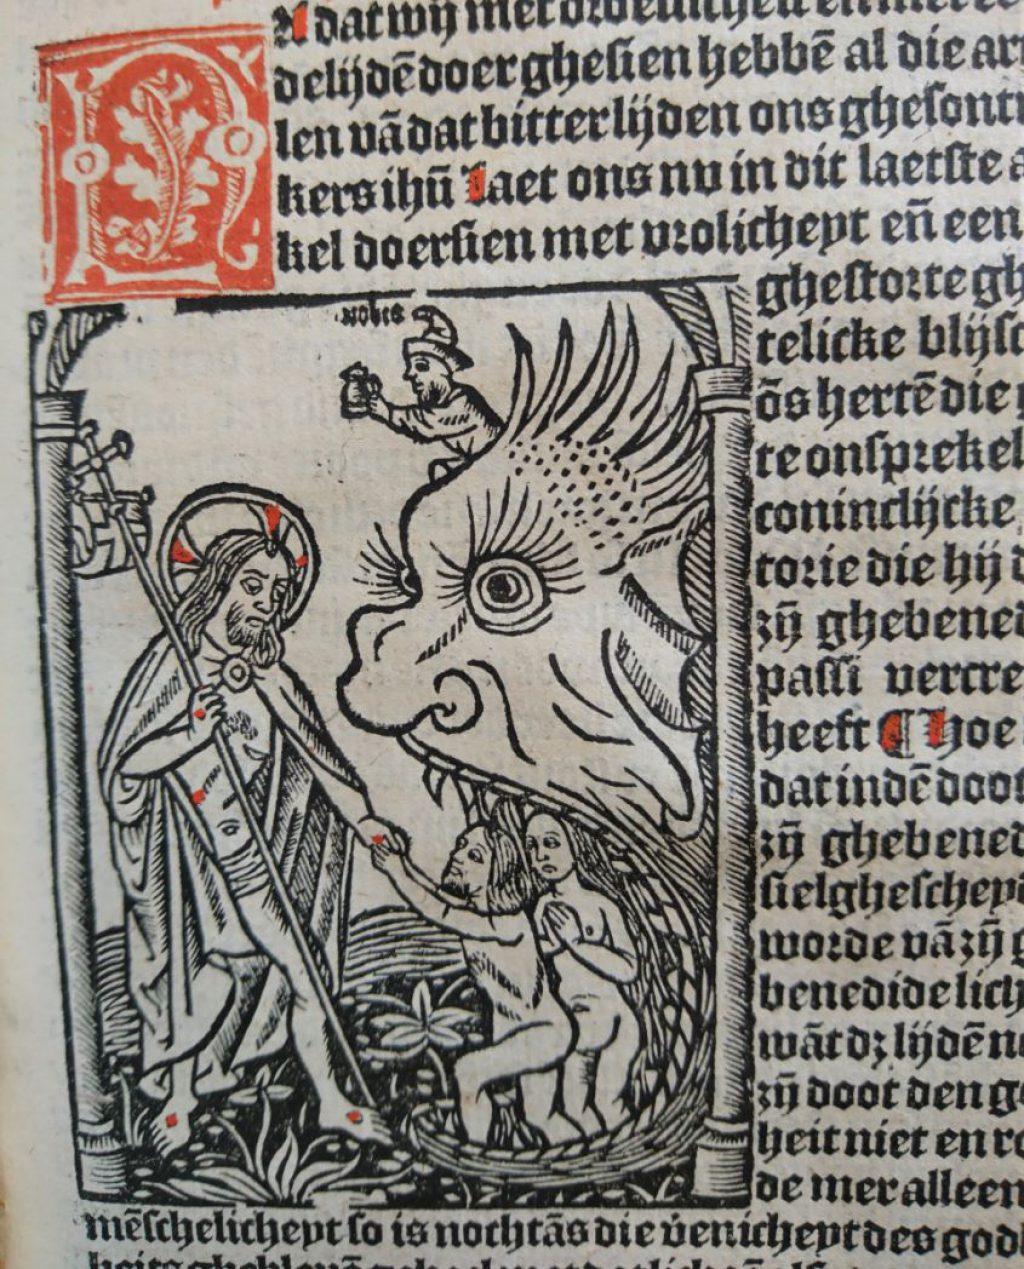 Christus redt zielen uit de mond van de hel. Houtsnede uit Fasciculus mirre, in 1517 gedrukt in Delft. (Bibliotheek)